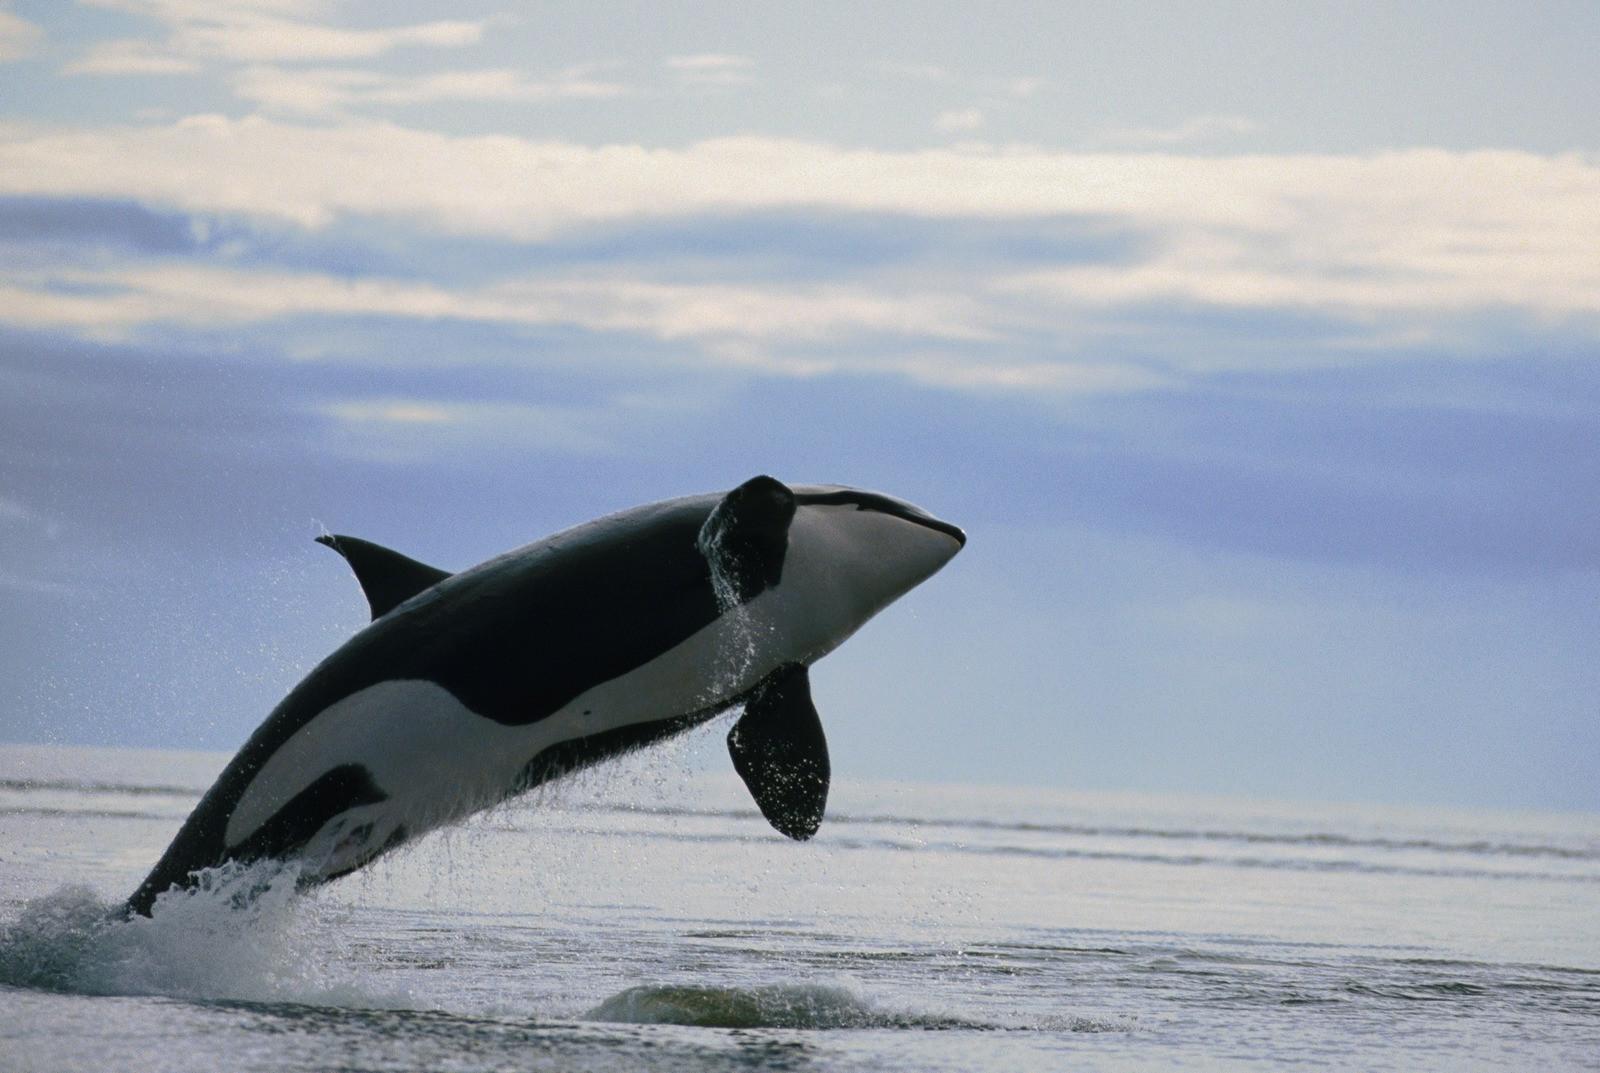 デスクトップ壁紙 自然 オルカ 哺乳類 脊椎動物 海洋哺乳動物